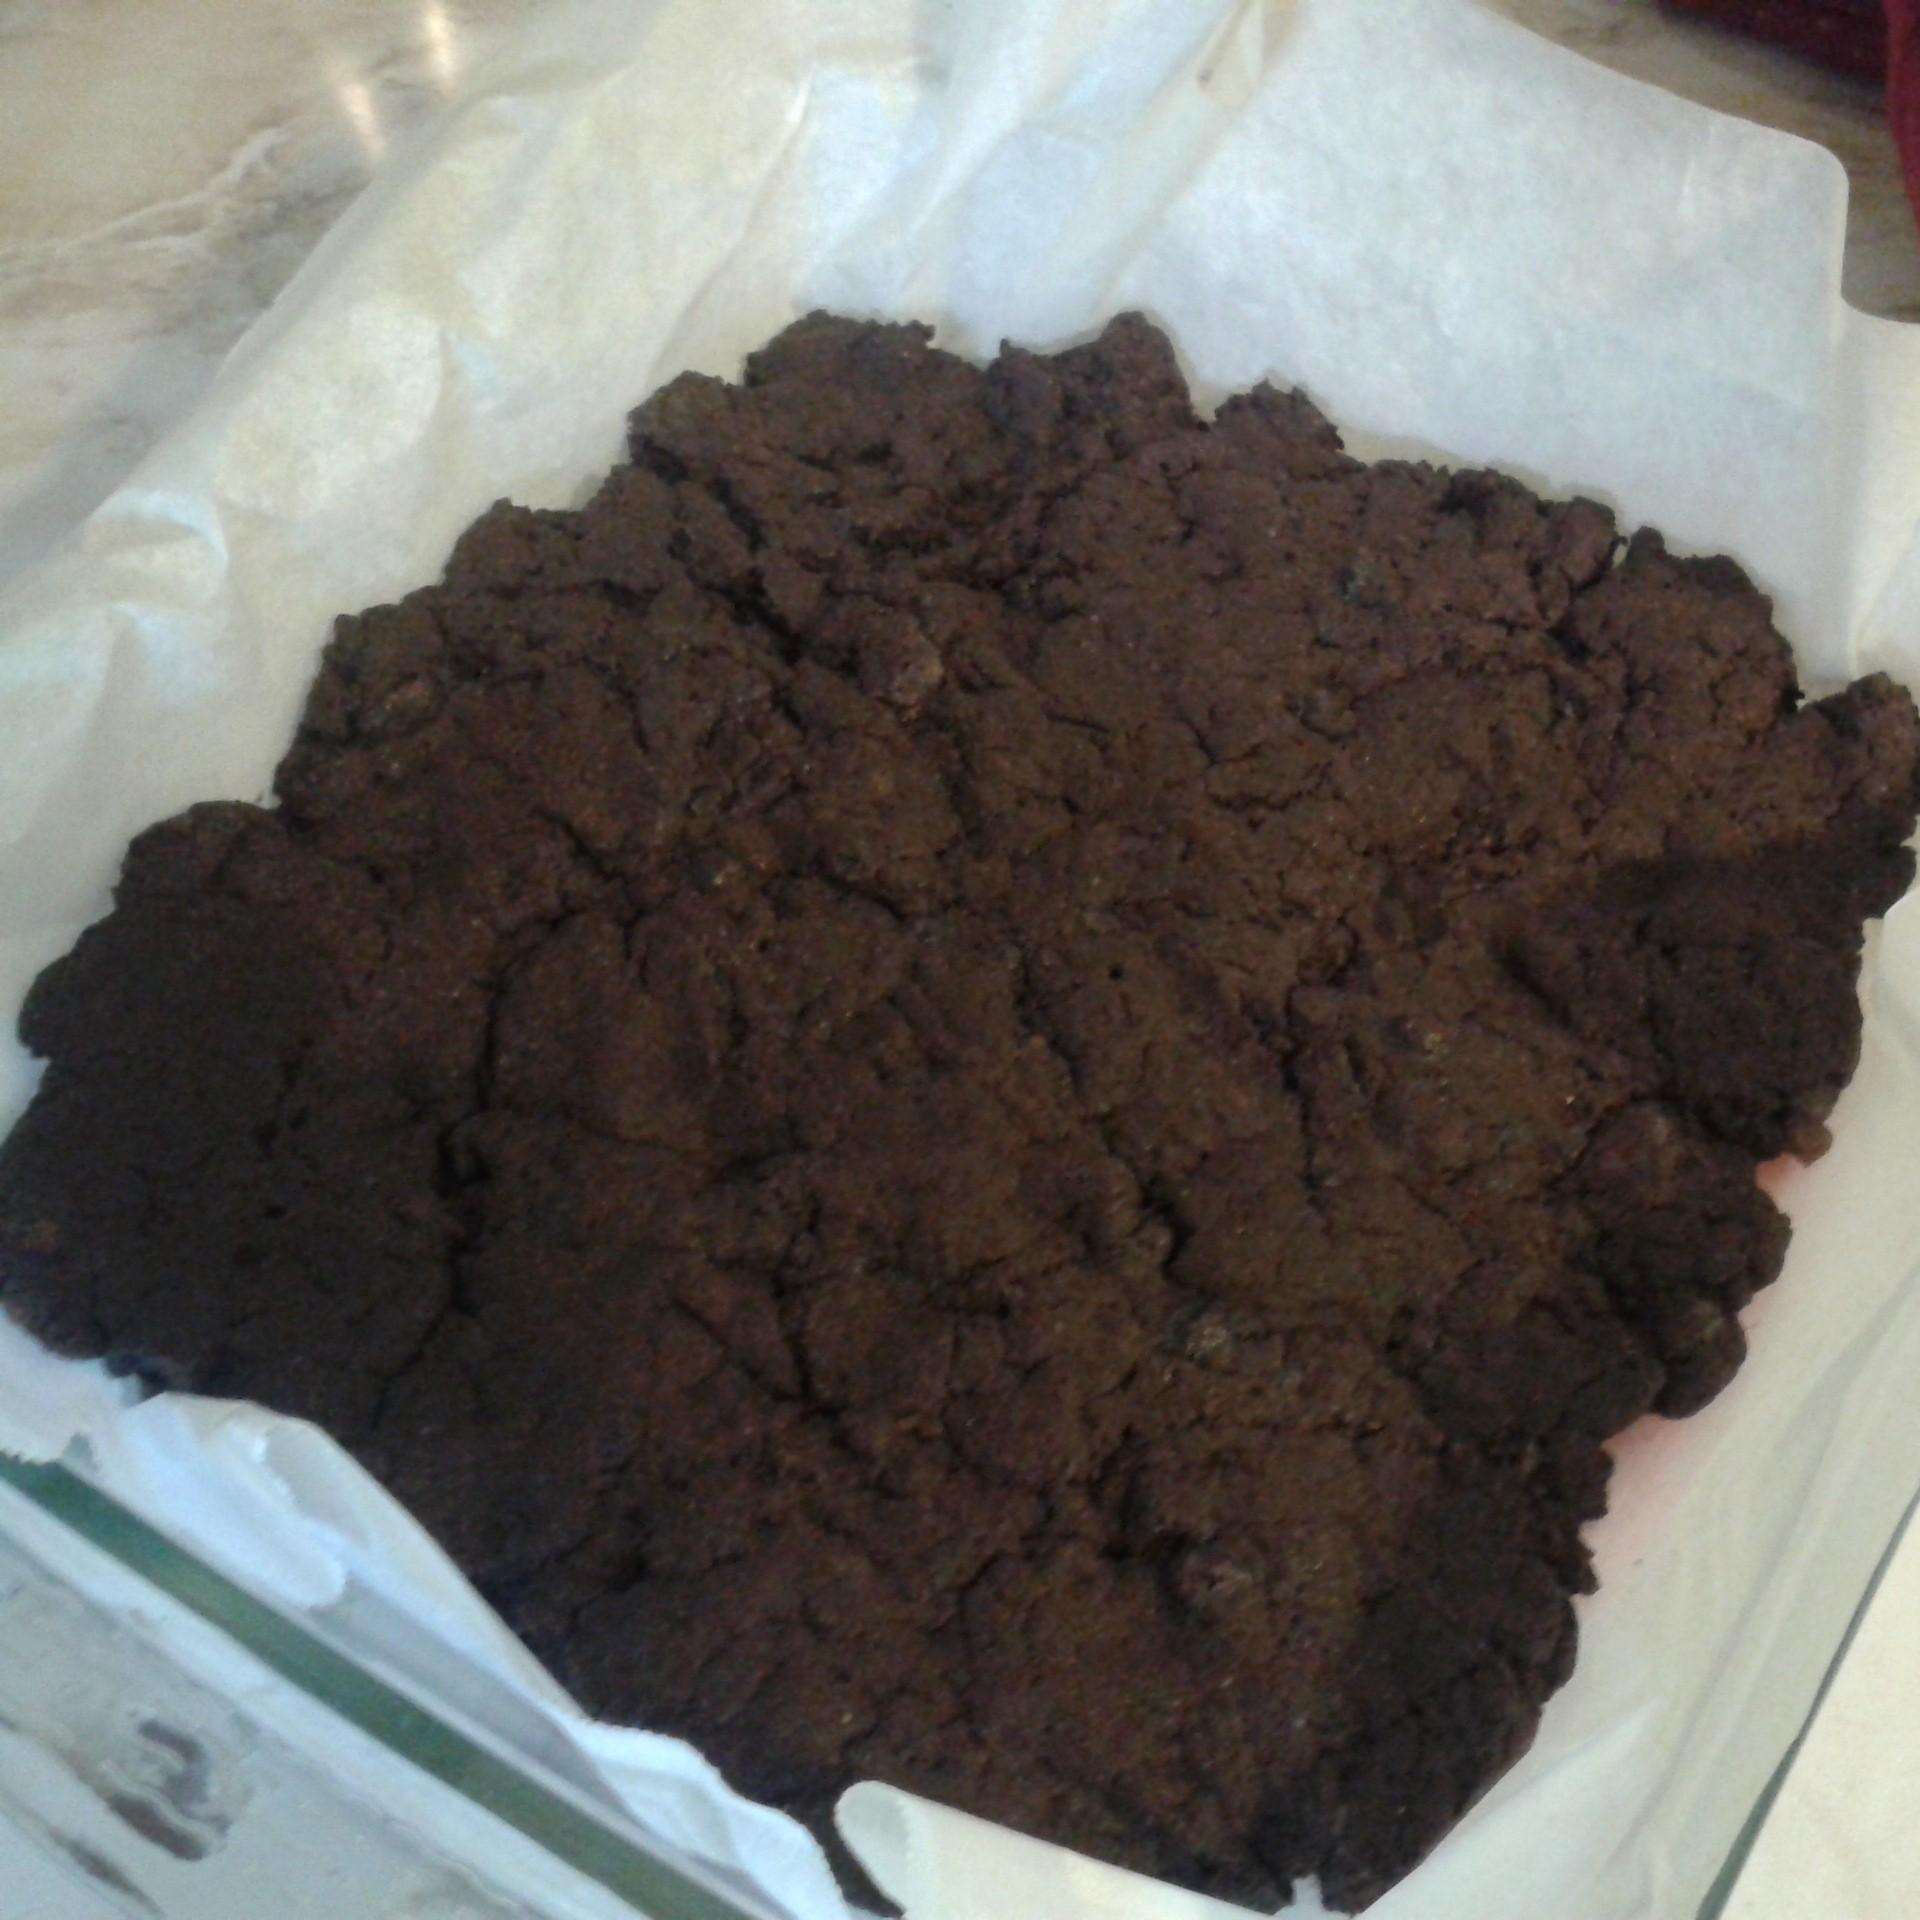 J'ai décidé de le faire comme ça plutôt que dans un moule à muffin. J'ai mis du papier ciré pour éviter que ça colle.